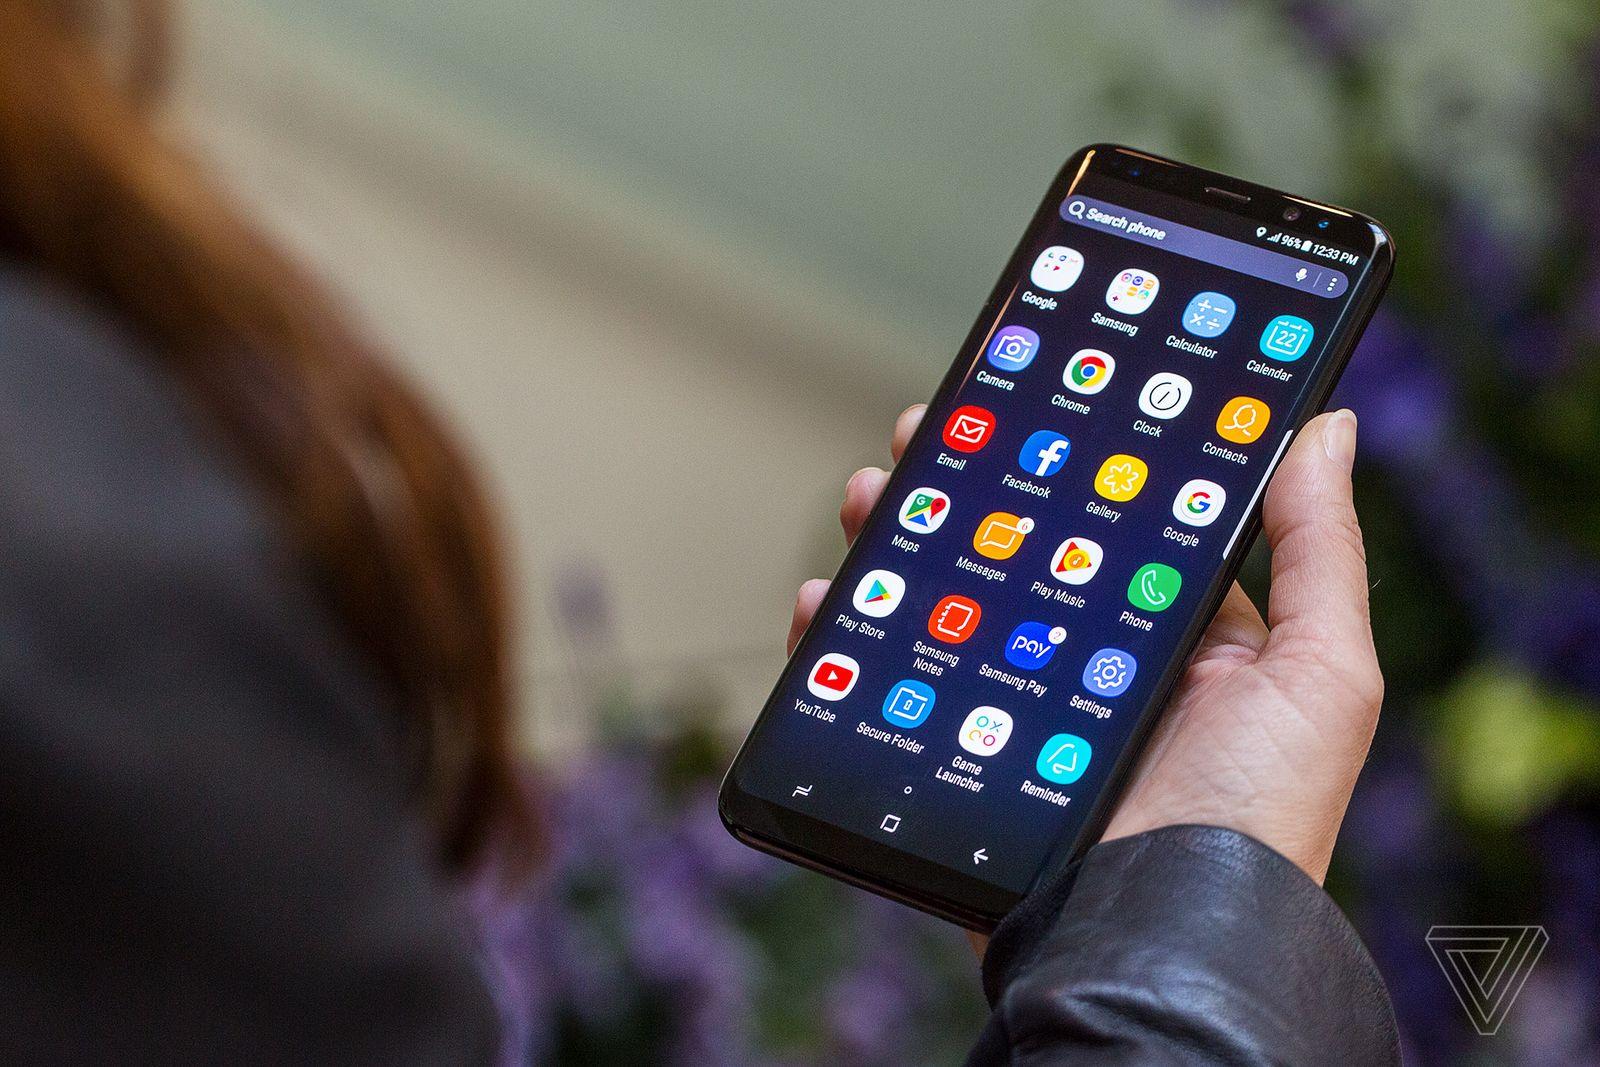 Hướng dẫn cập nhật phần mềm điện thoại Samsung bằng Odin